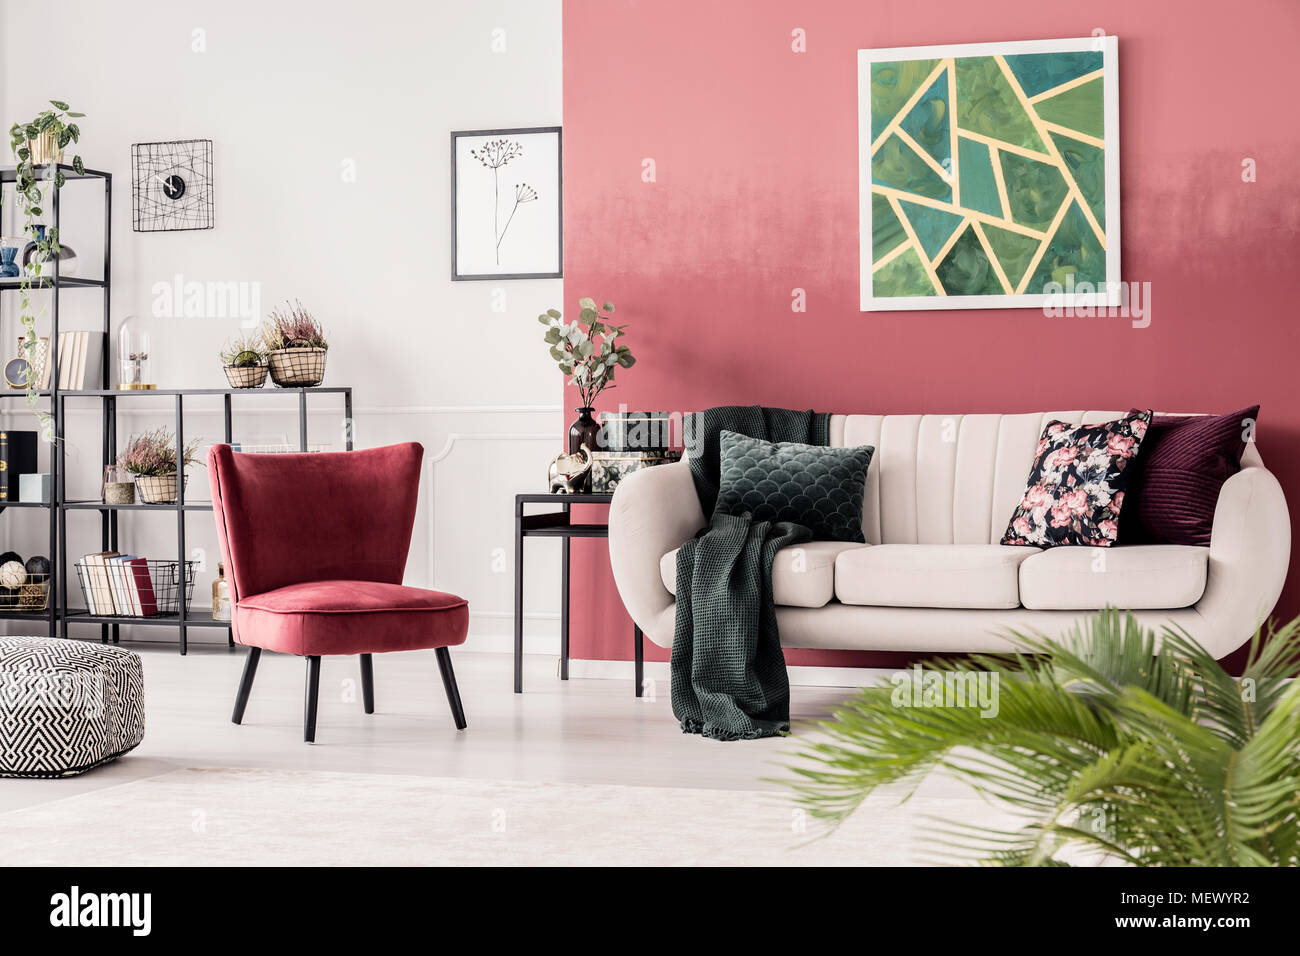 Roten Sessel Neben Beige Sofa Gegen Die Wand Mit Grünen Anstrich Im  Gemütlichen Wohnzimmer Innenraum